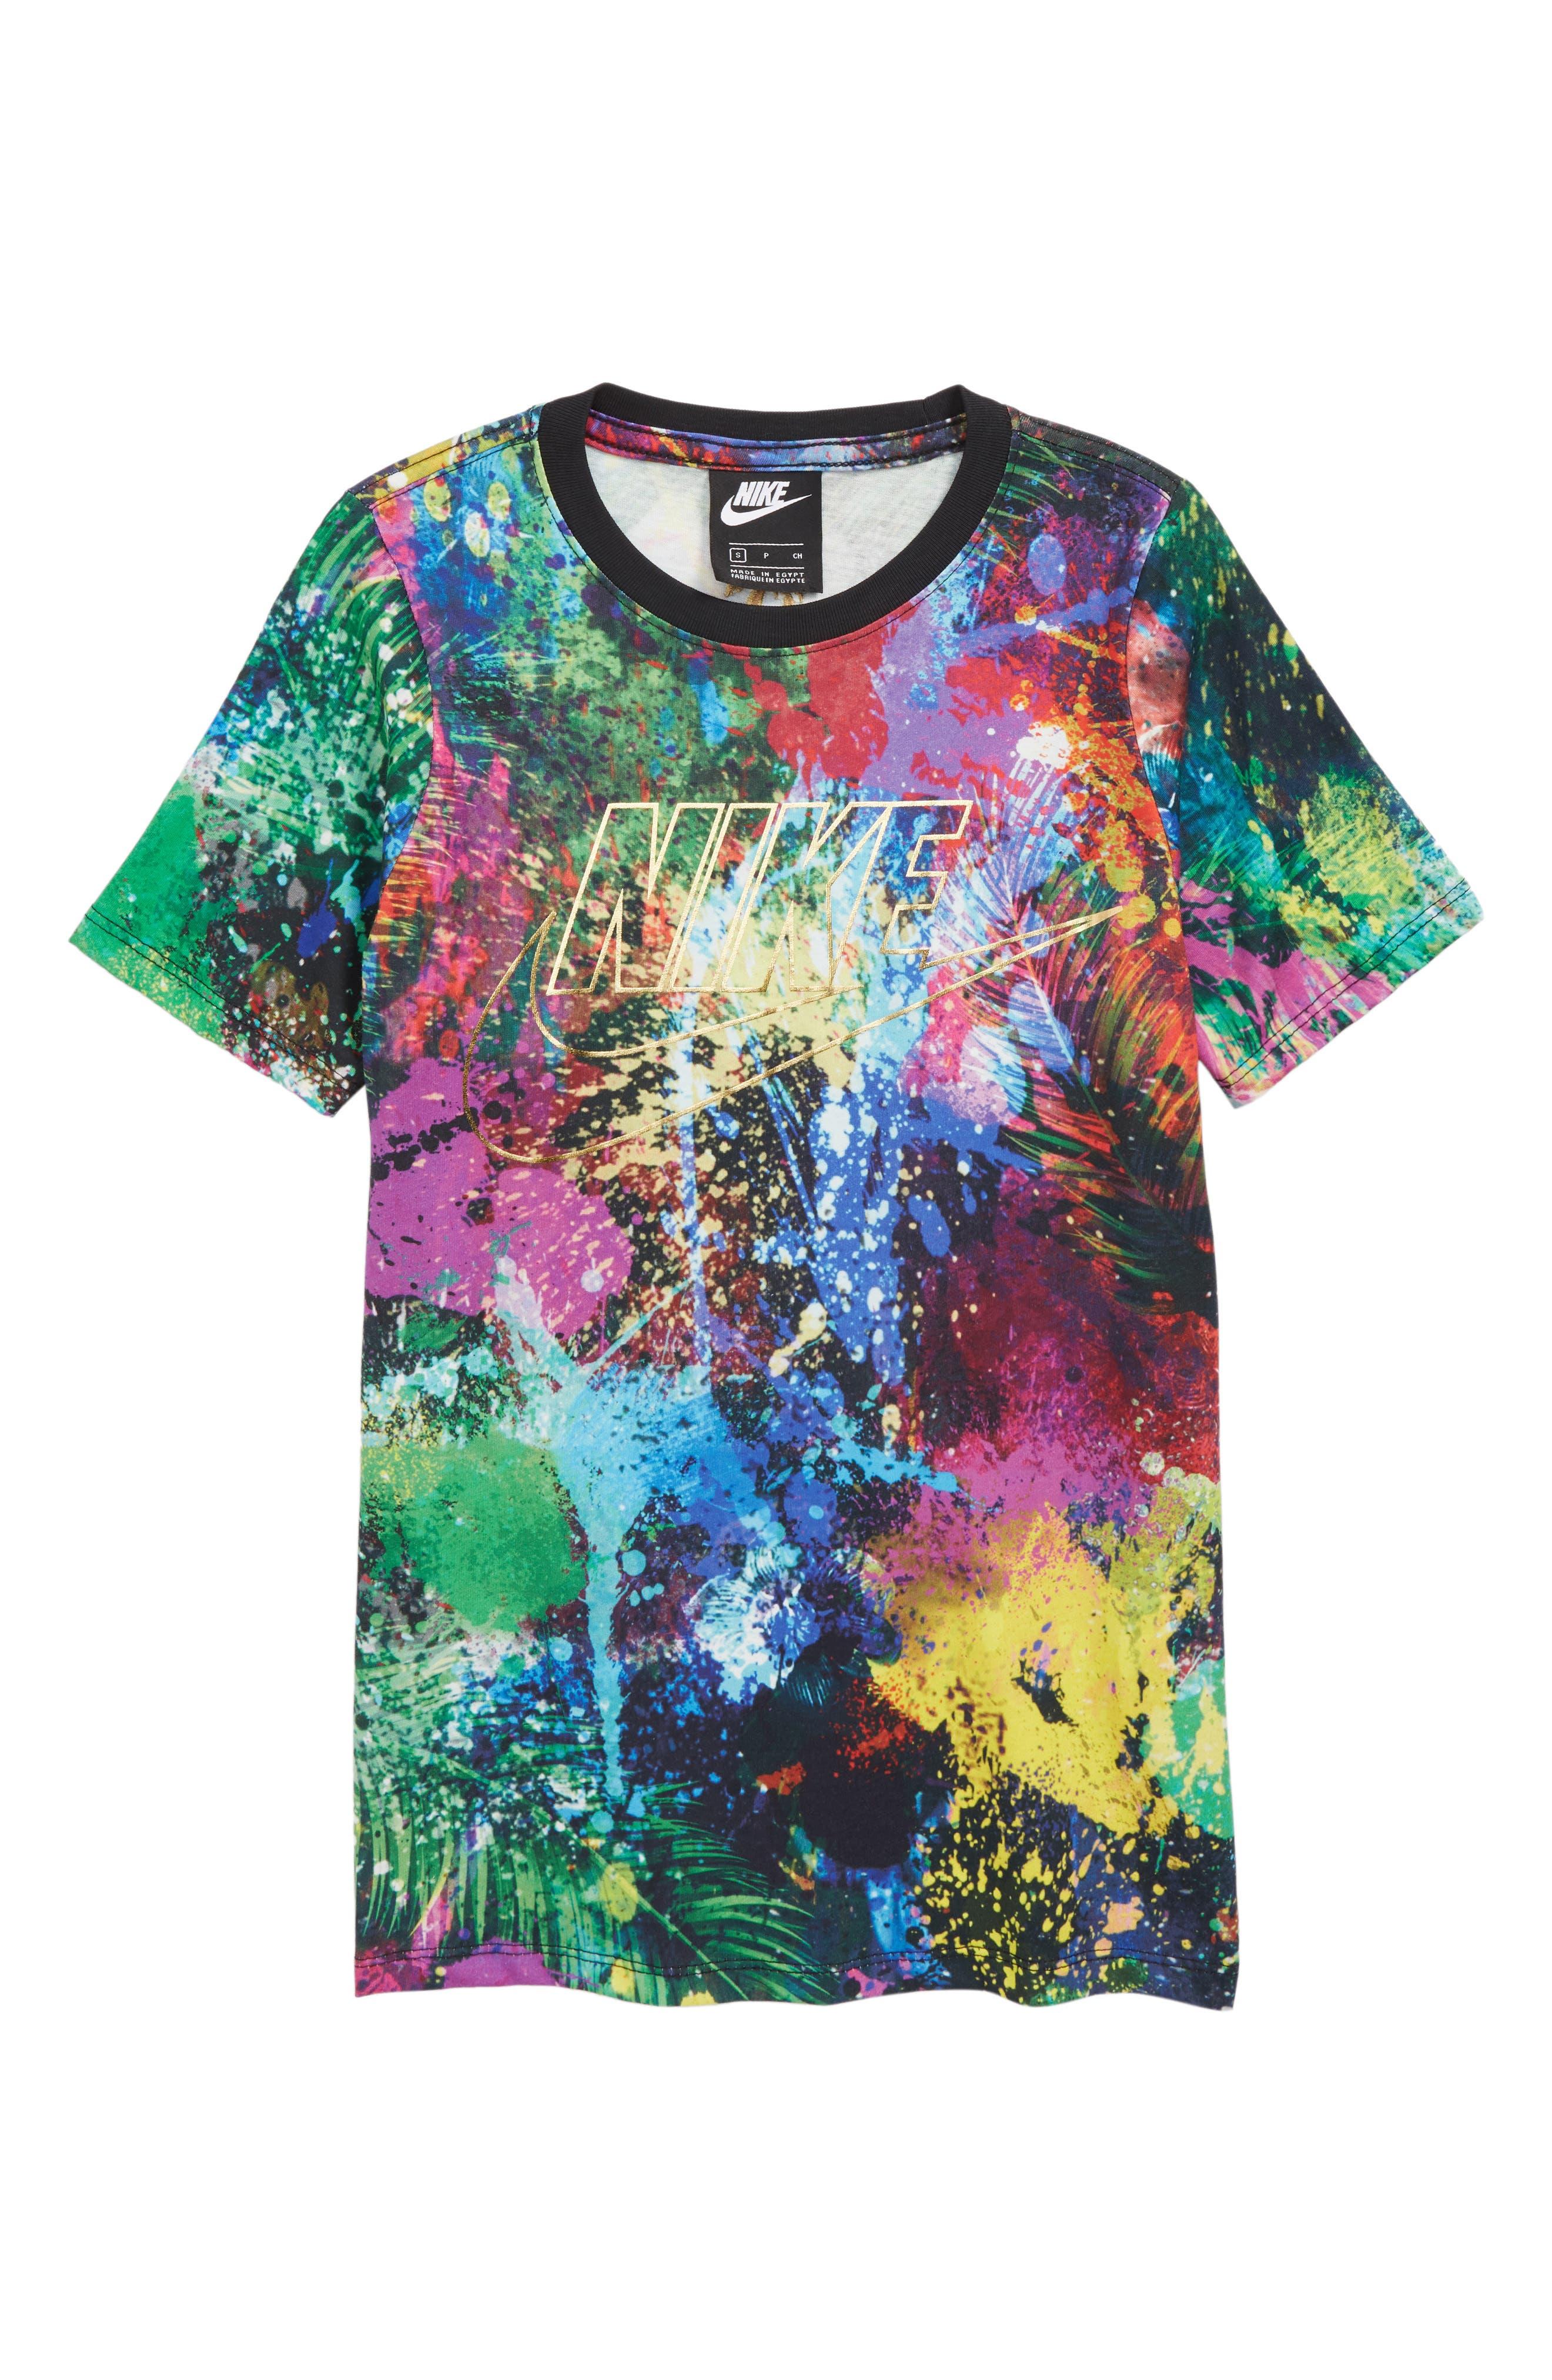 Sportswear Parade T-Shirt,                             Main thumbnail 1, color,                             010